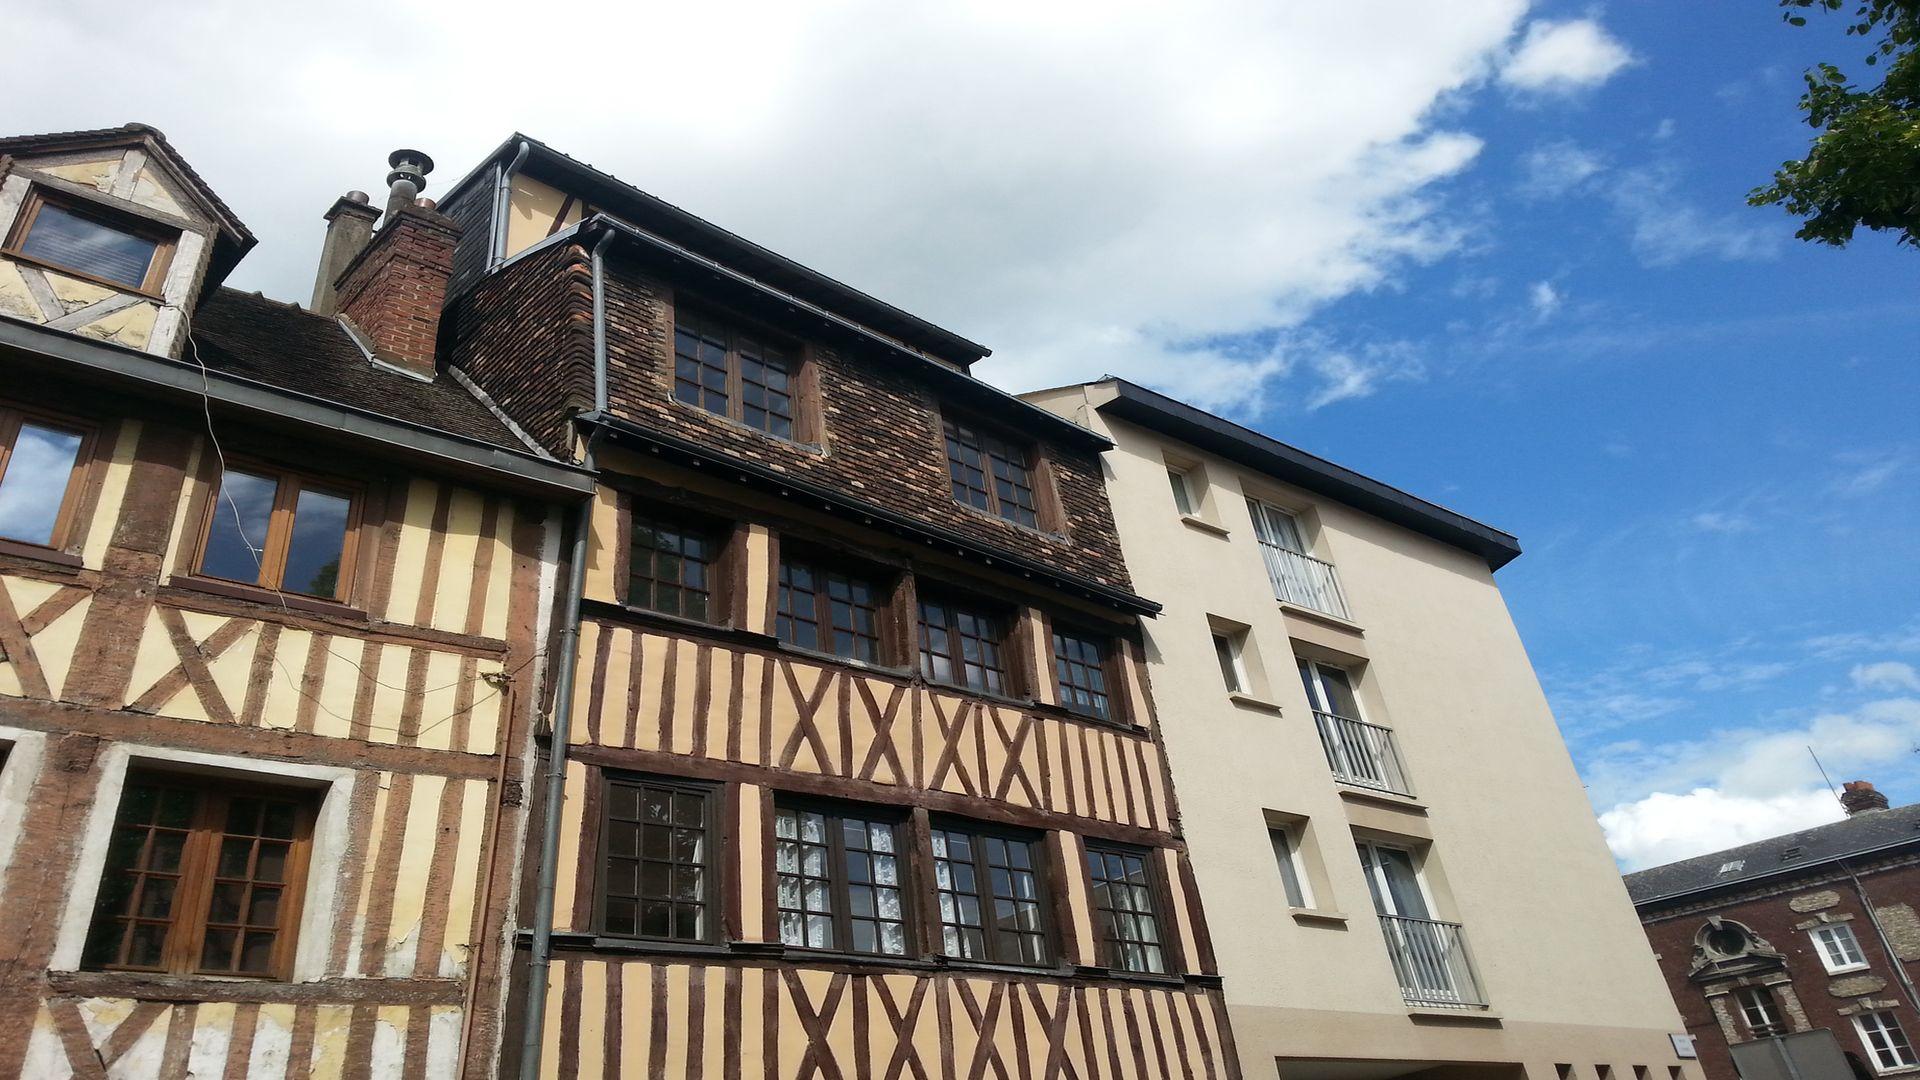 Maison ancienne colombage en vente elbeuf 76500 for Site vente appartement